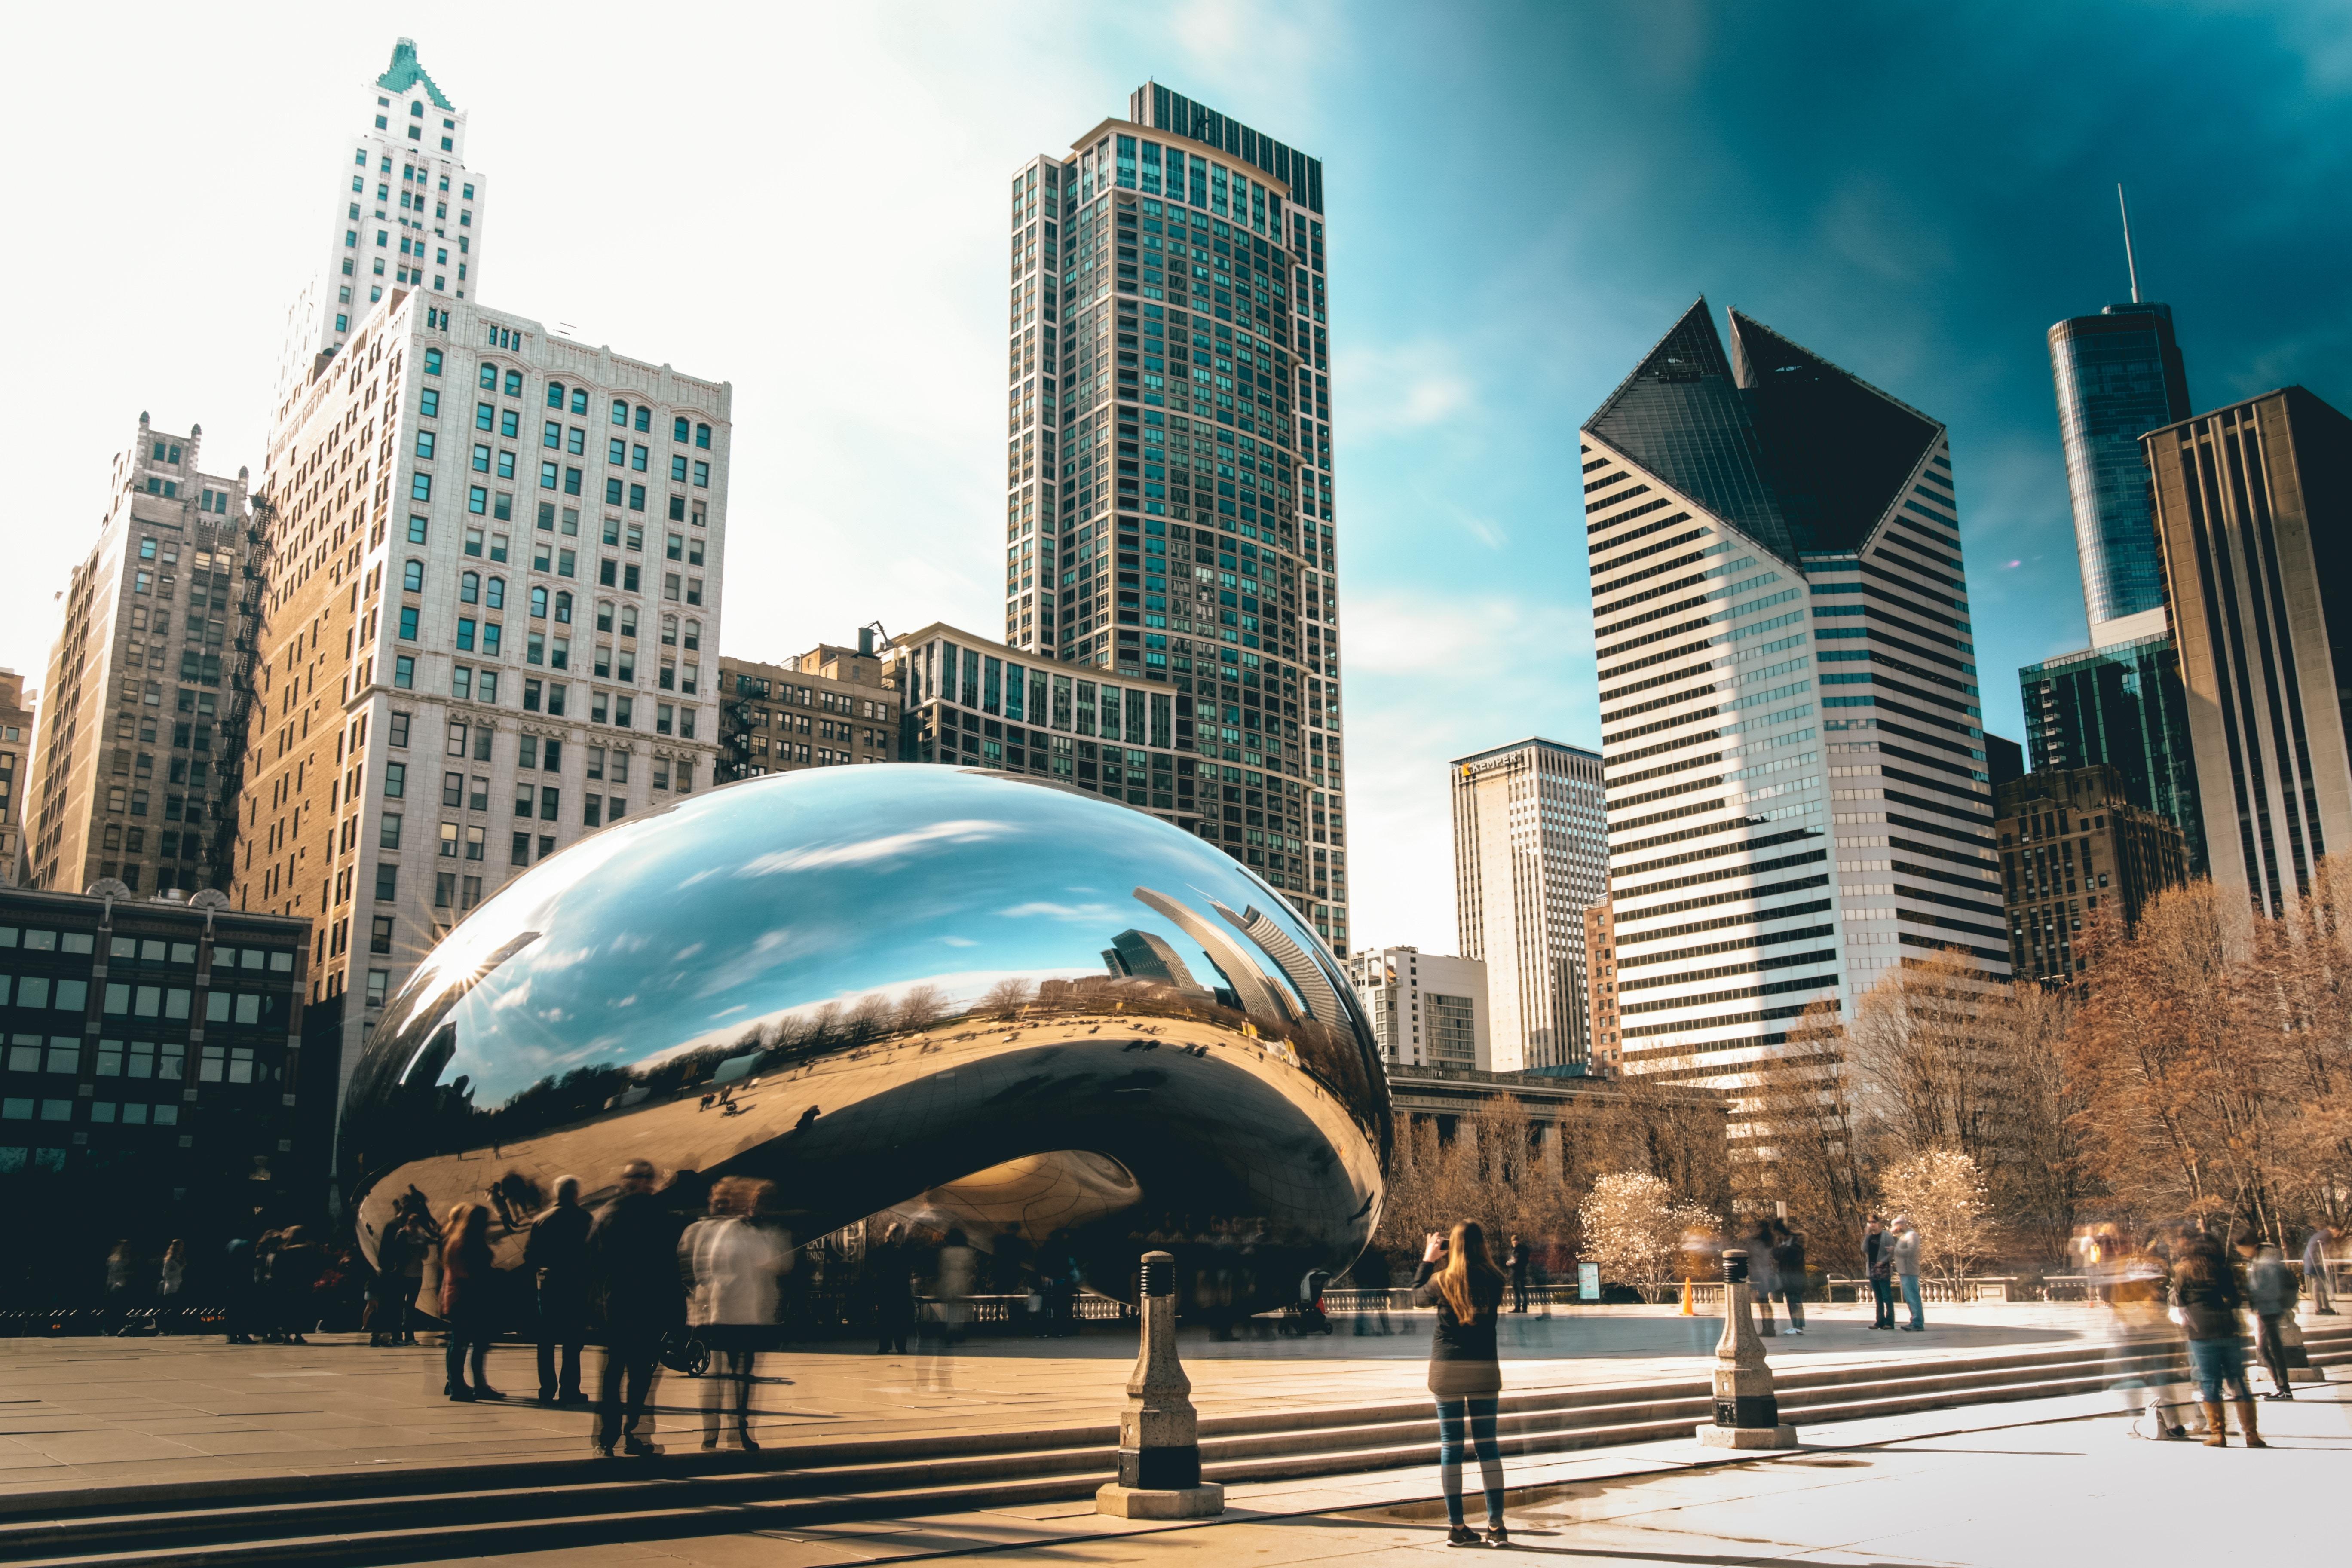 图解  我的工资能在芝加哥买房吗 -不同职业类别的房屋购买力